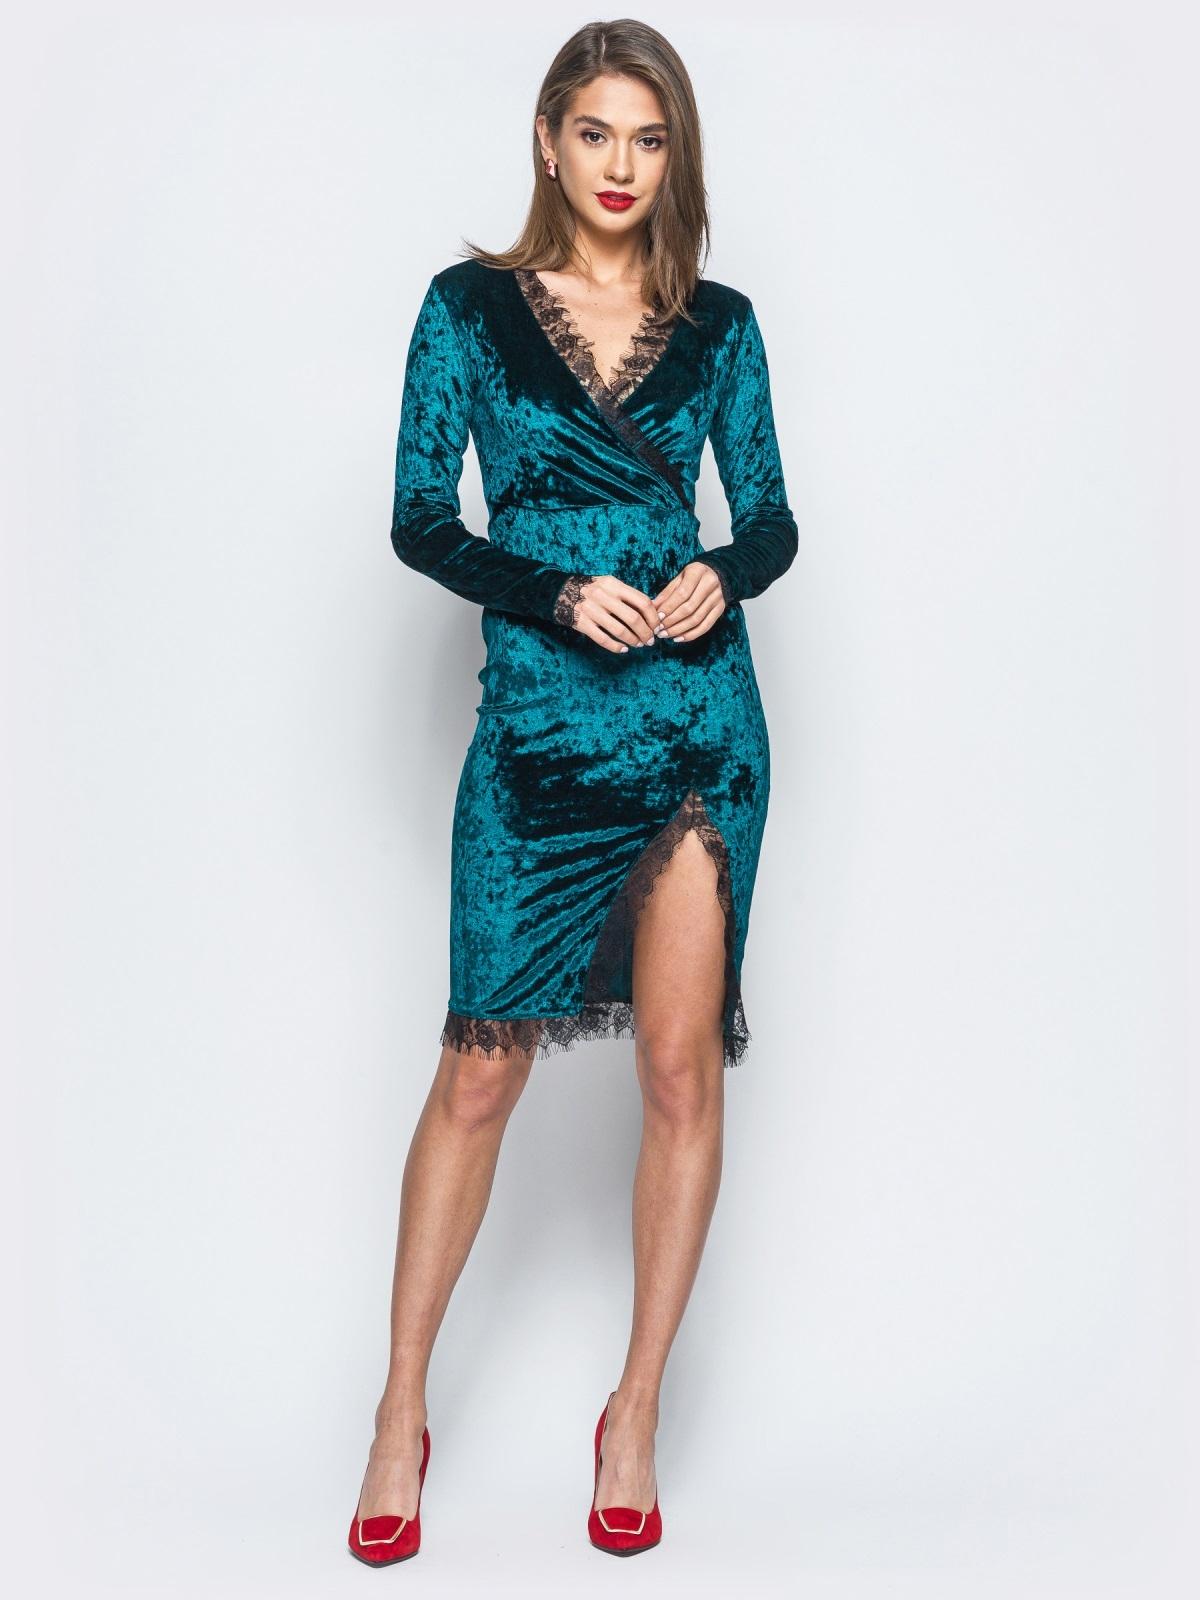 40a6df8b726 Велюровое платье зелёного цвета с кружевной отделкой 17864 – купить ...